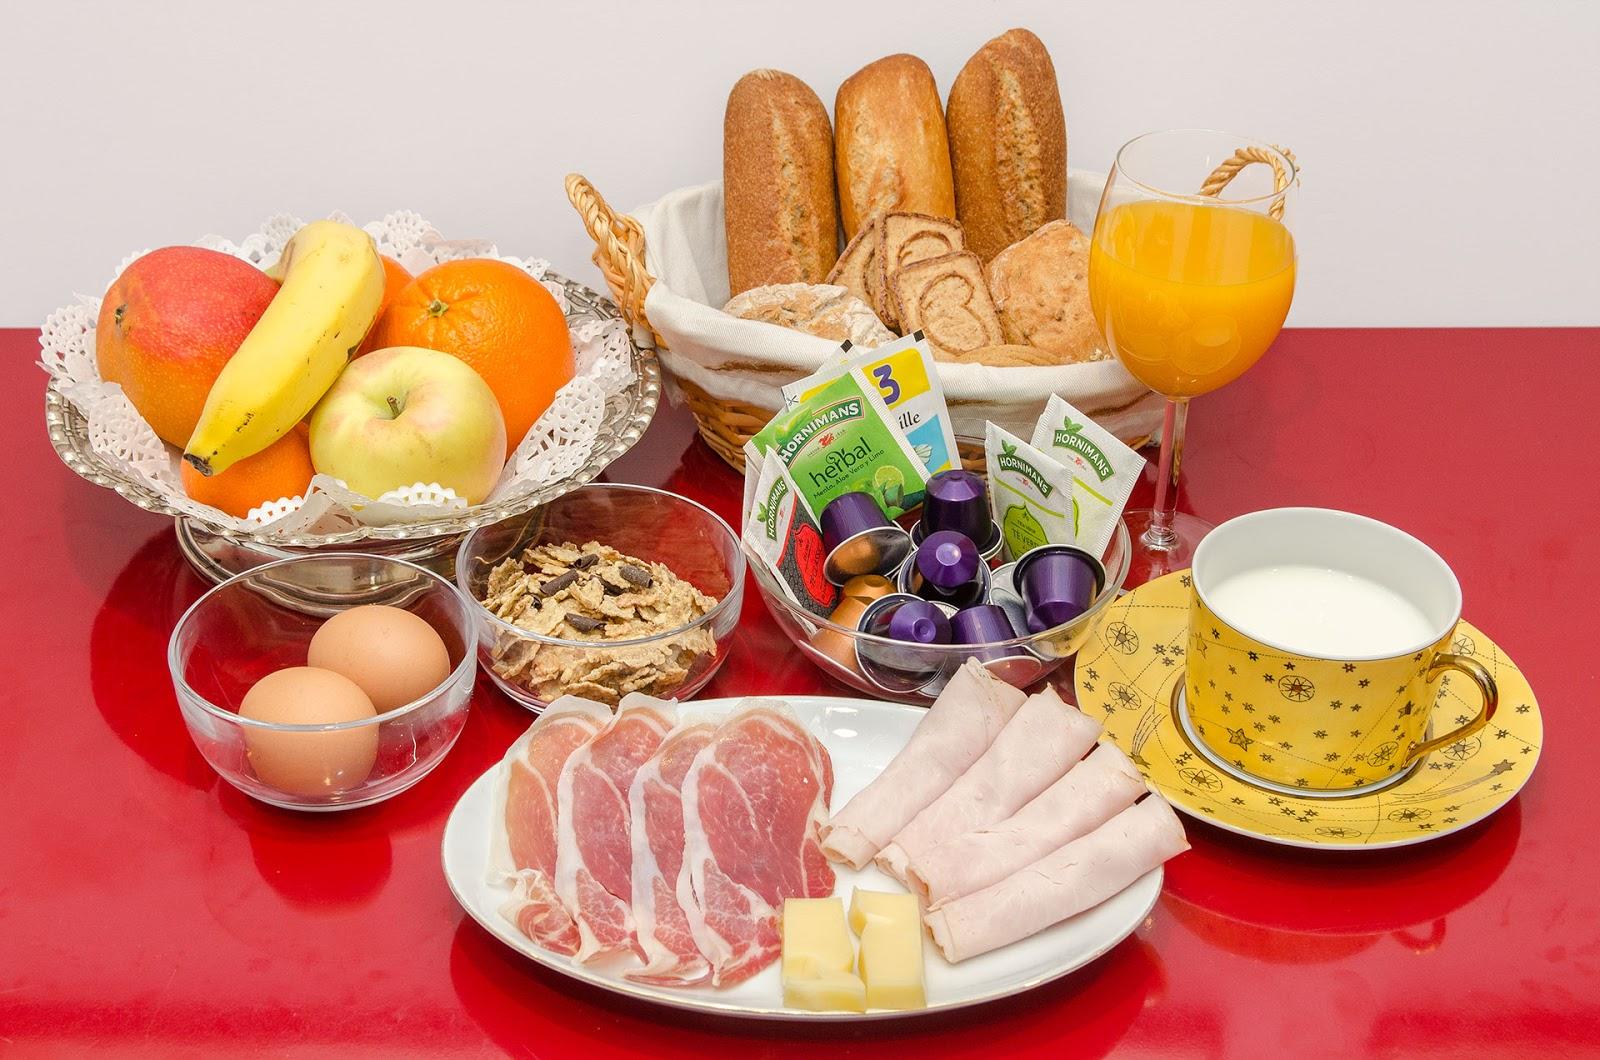 recetas-desayuno-ideal-ideas-cocina-sano-saludable-bruja